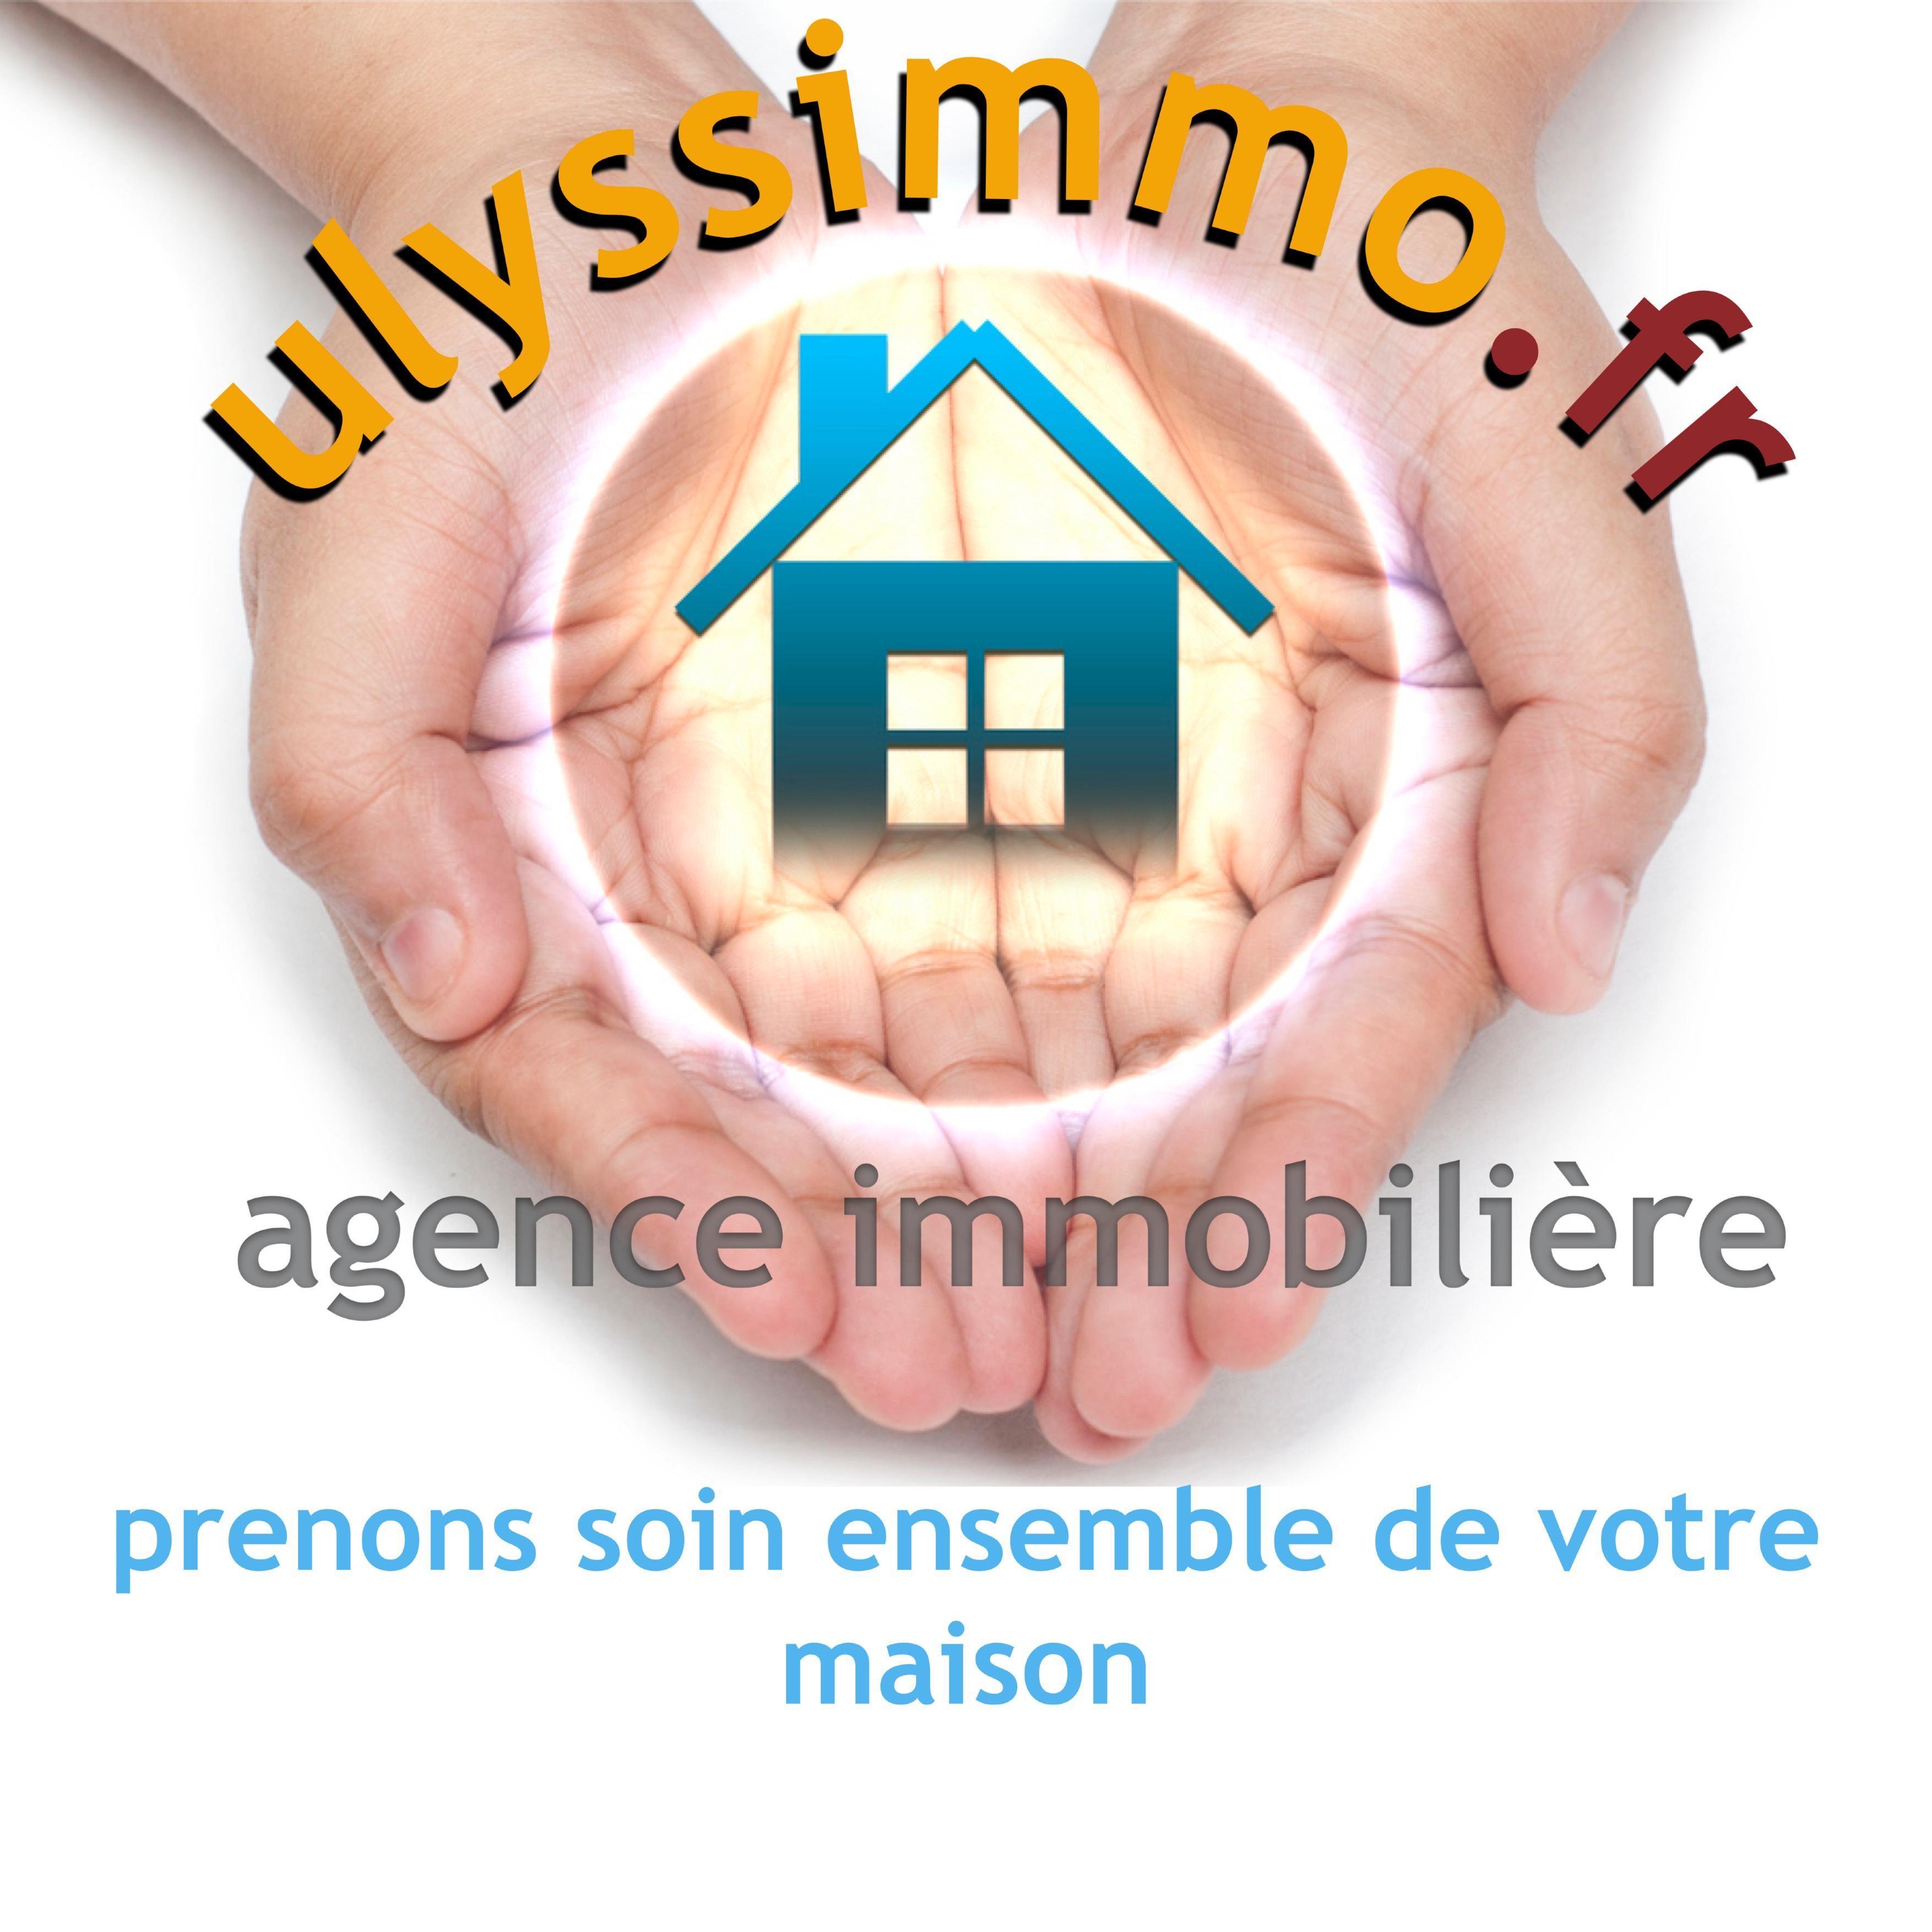 Ulyssimmo.Fr agence immobilière Rosières-en-Santerre (80170)